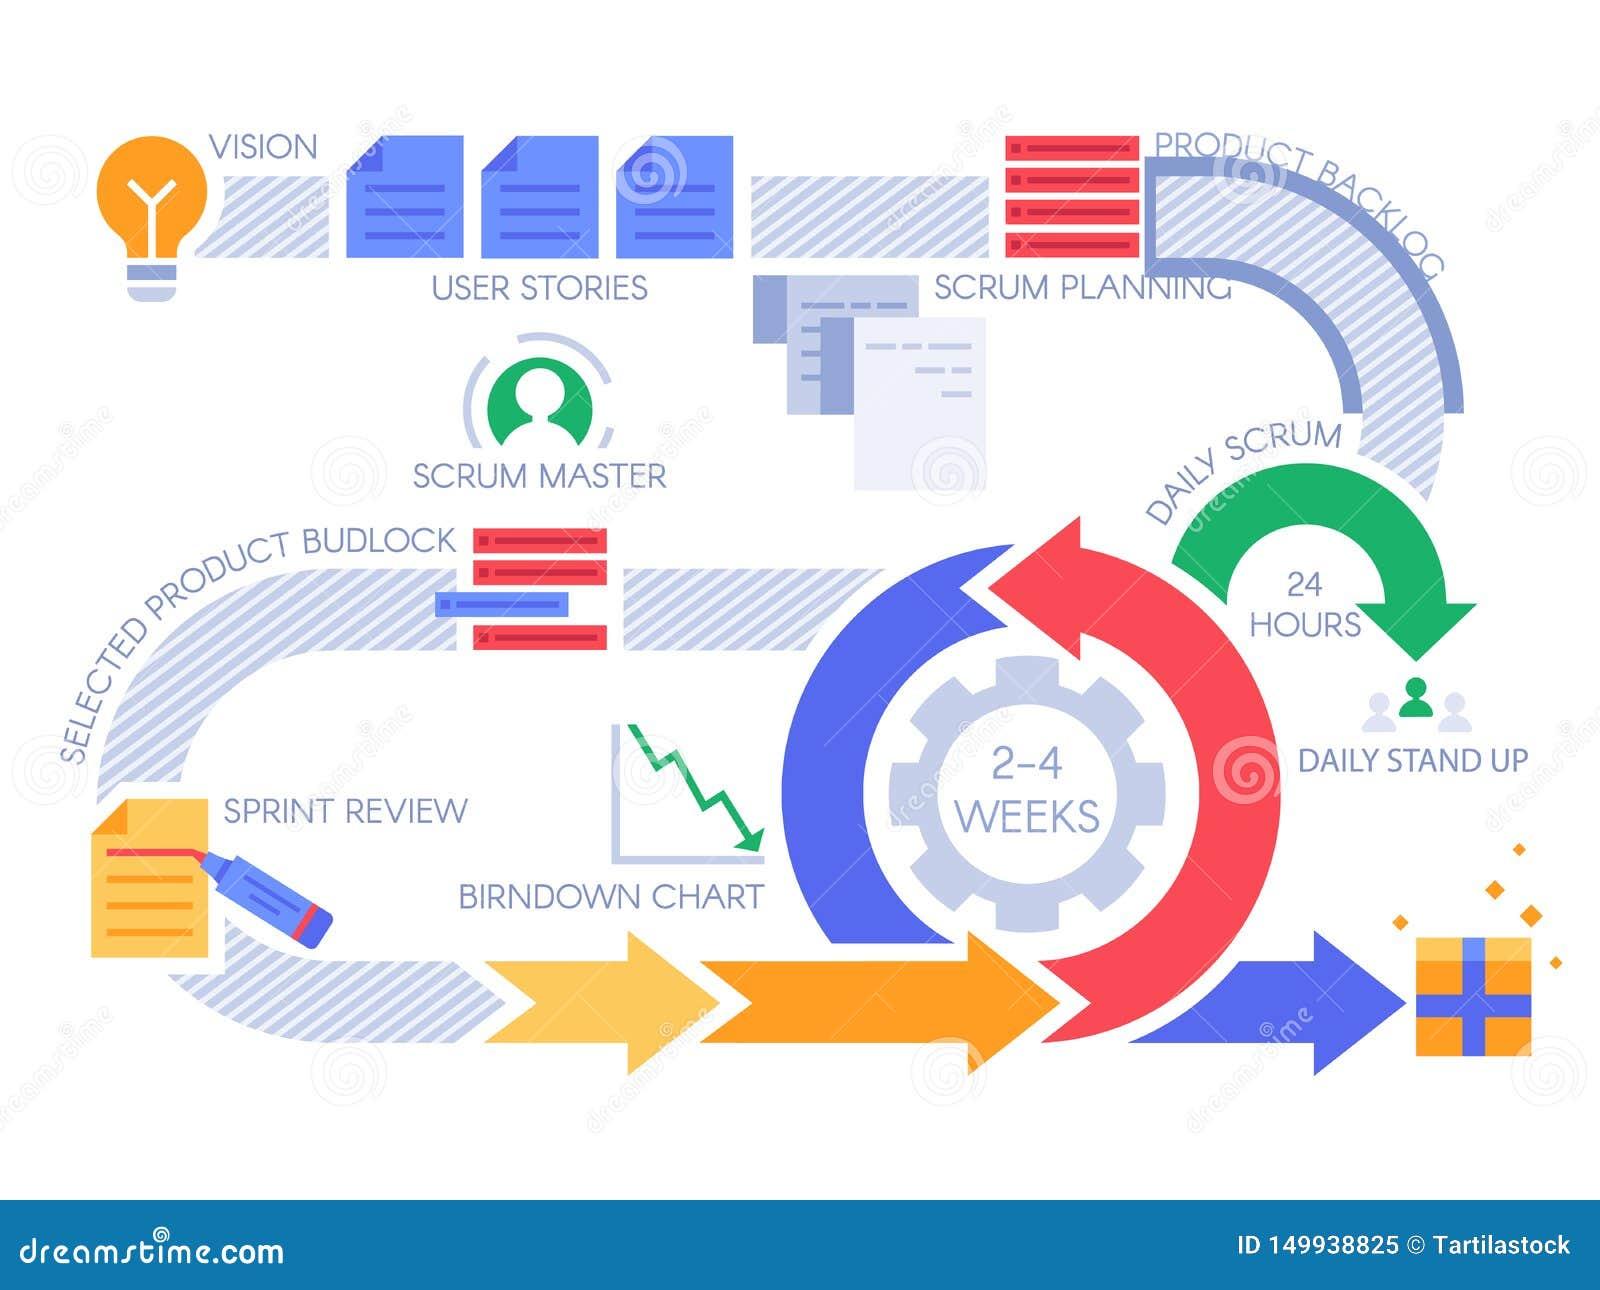 Agile Scrum Project Management Certification scrum agile process infographic. project management diagram